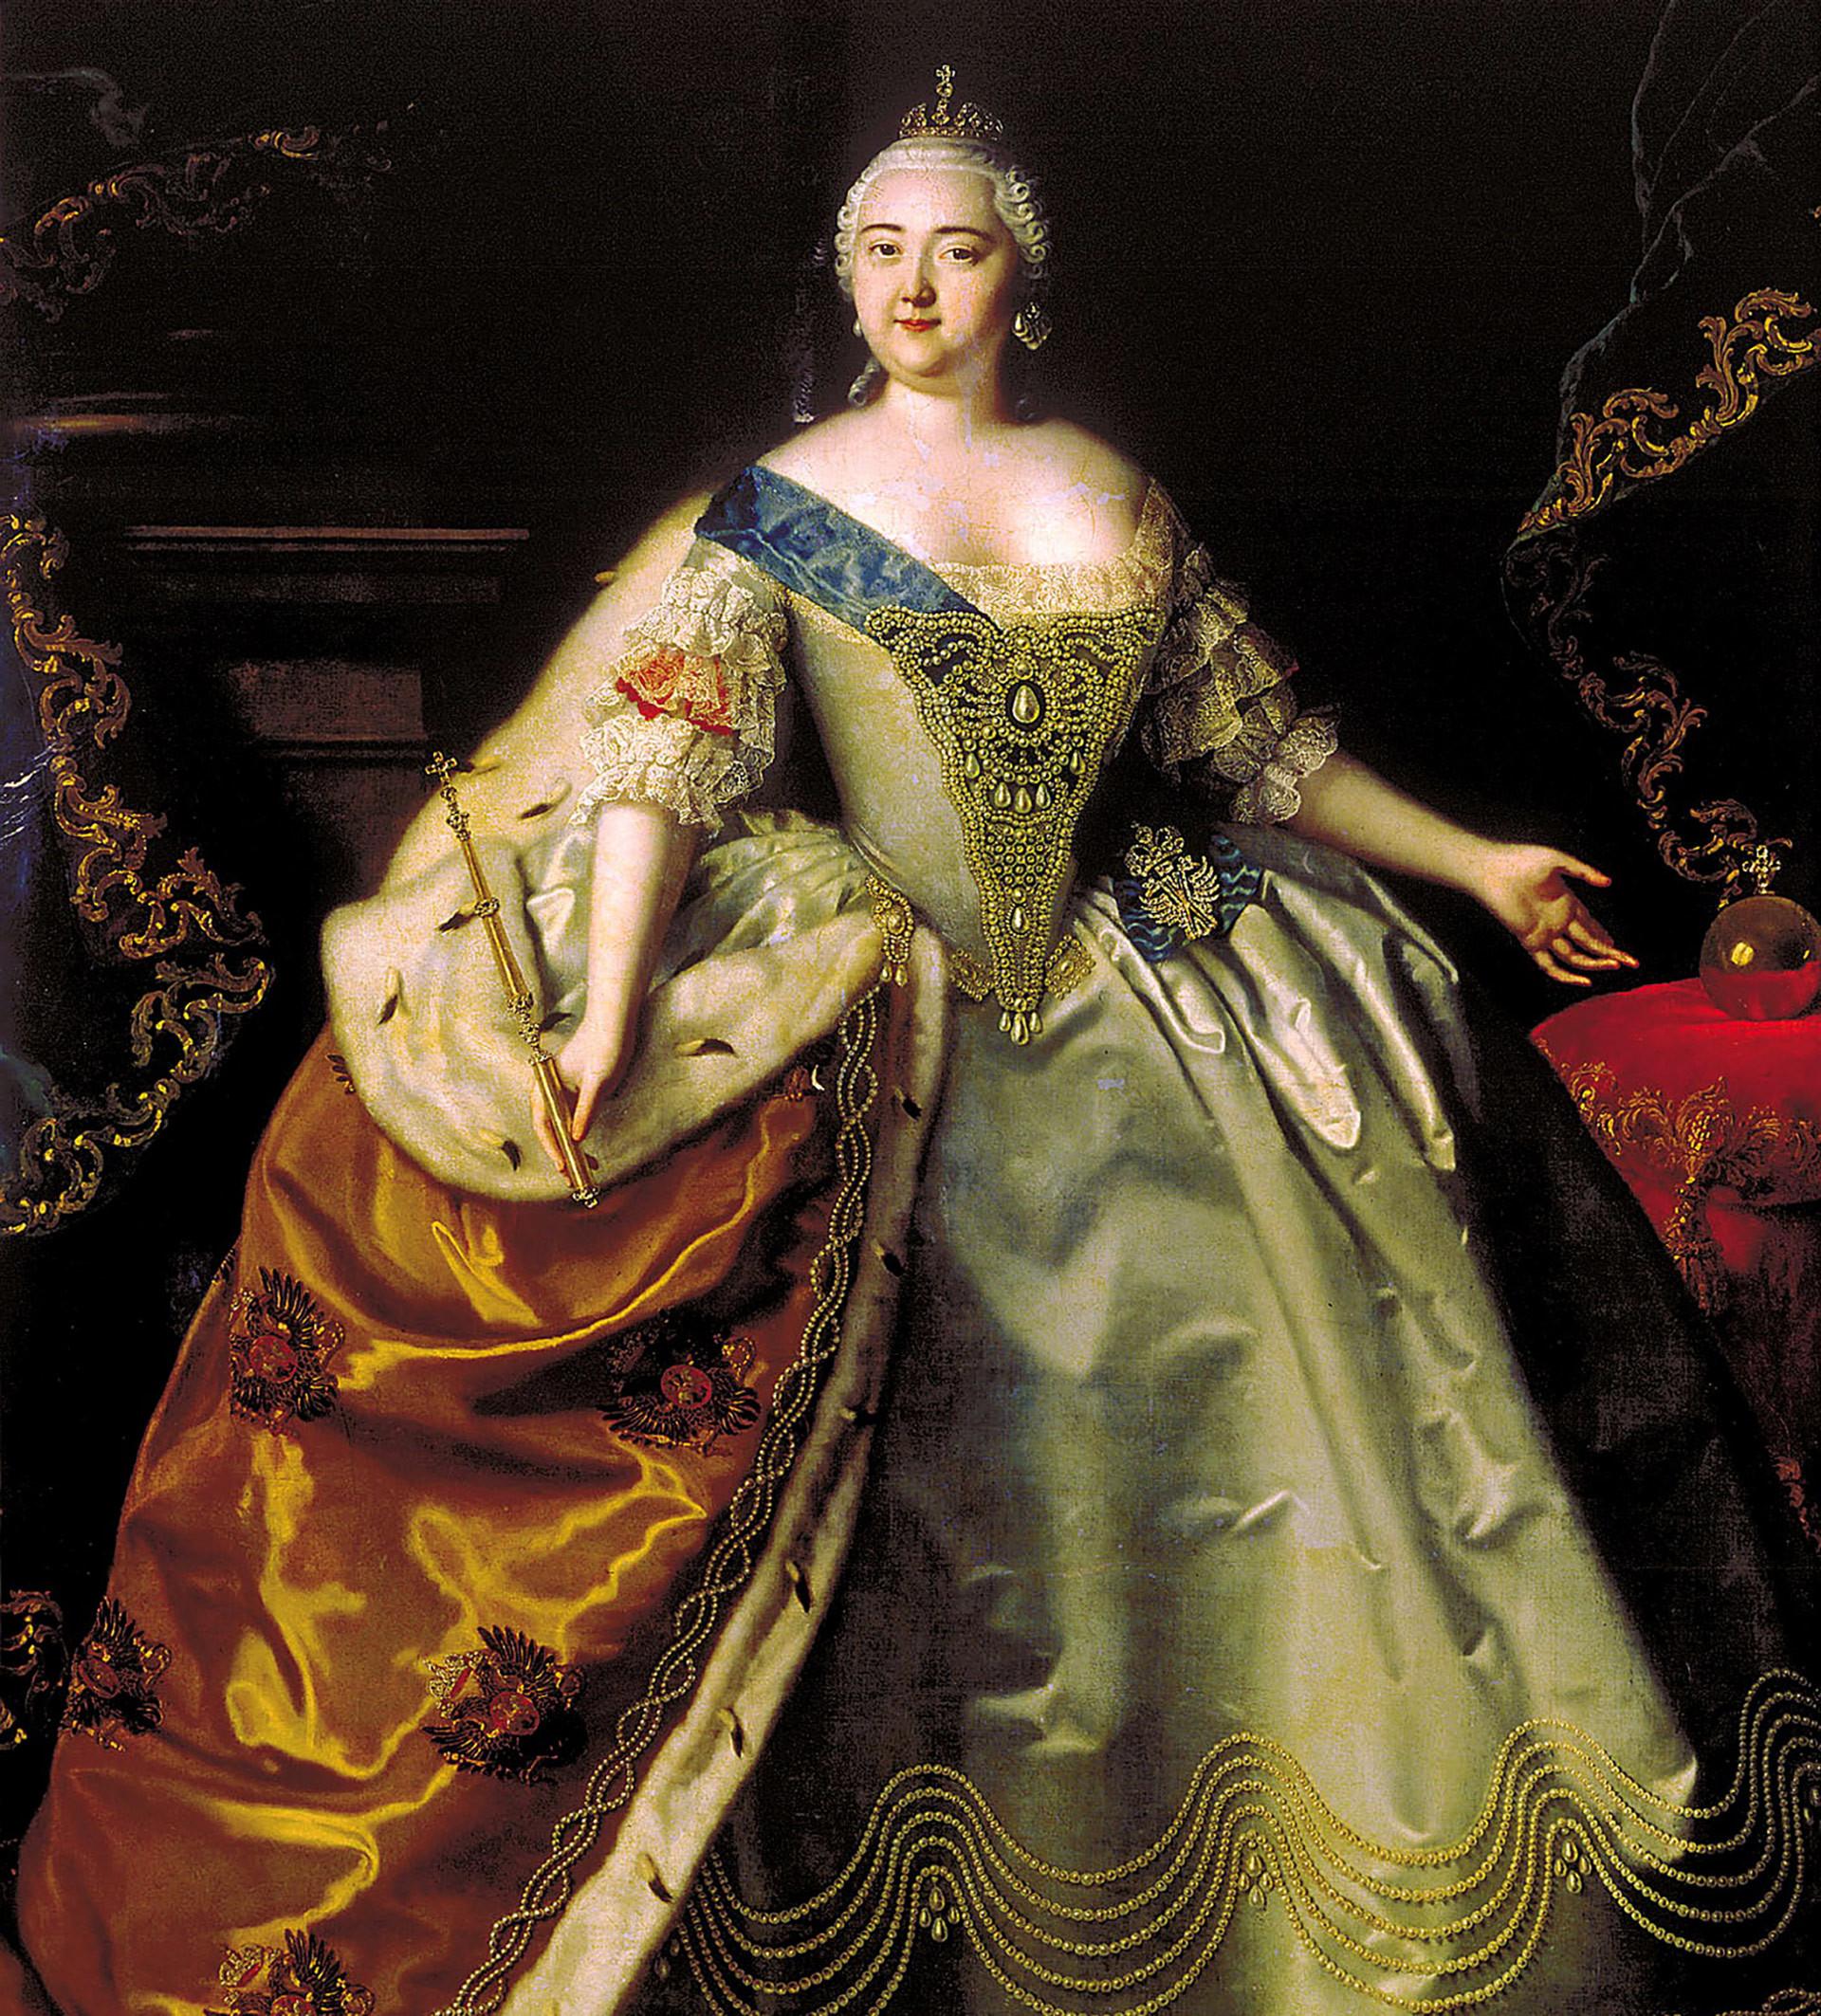 Портрет императорке Јелисавете I.